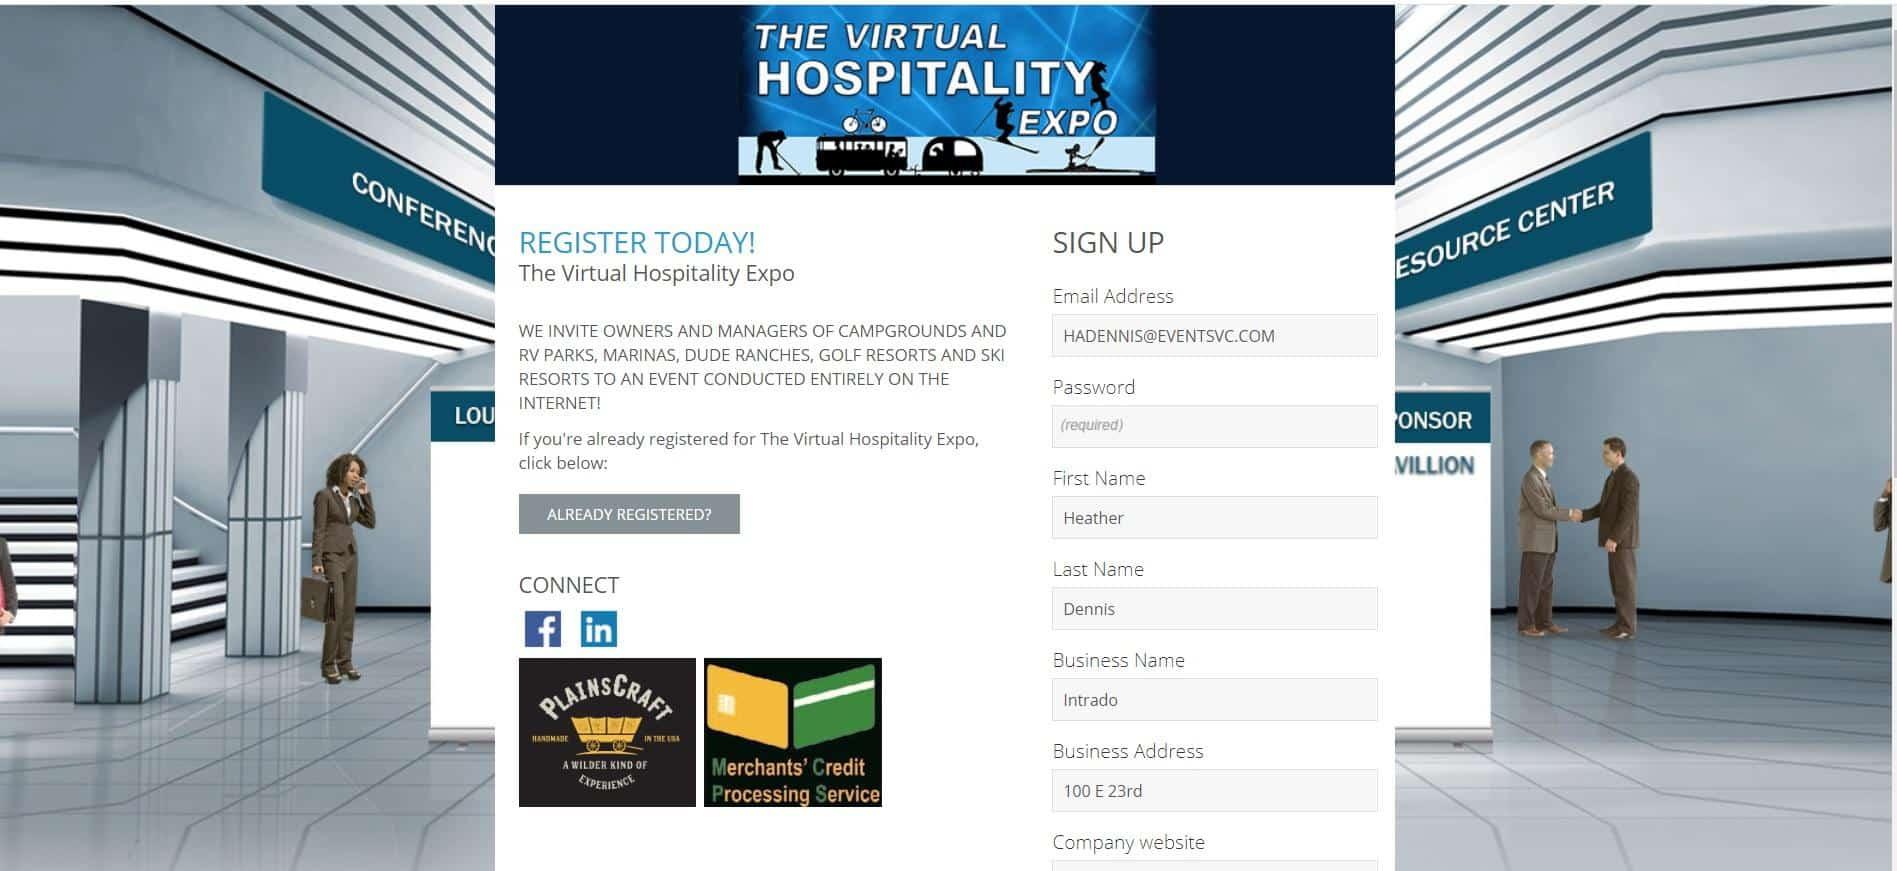 Virtual Hospitality Expo Lobby 2020